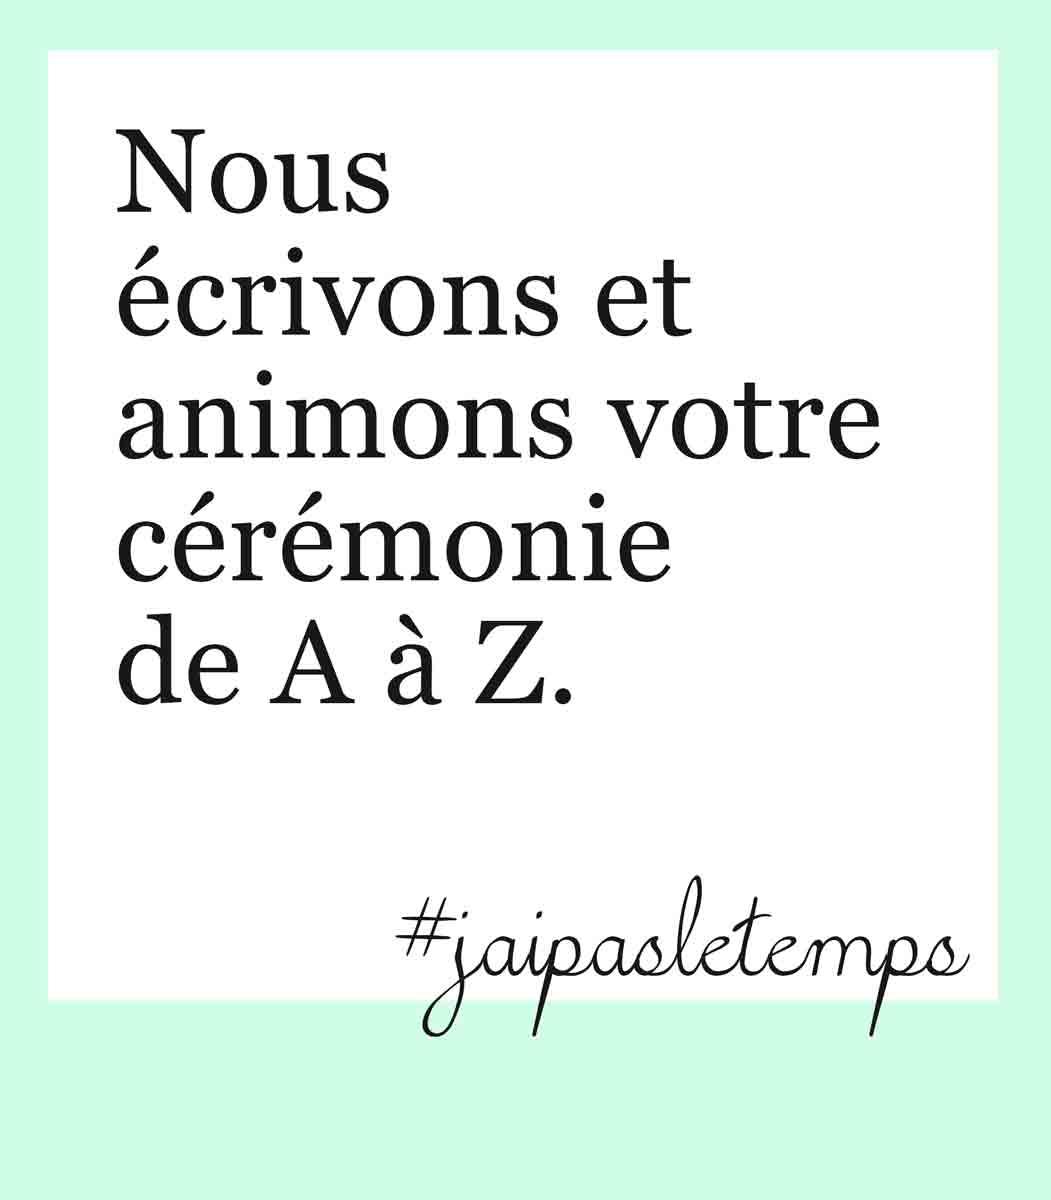 prestataire cérémonie laïque en Aquitaine - Wedays s'occupe de votre cérémonie de A à Z